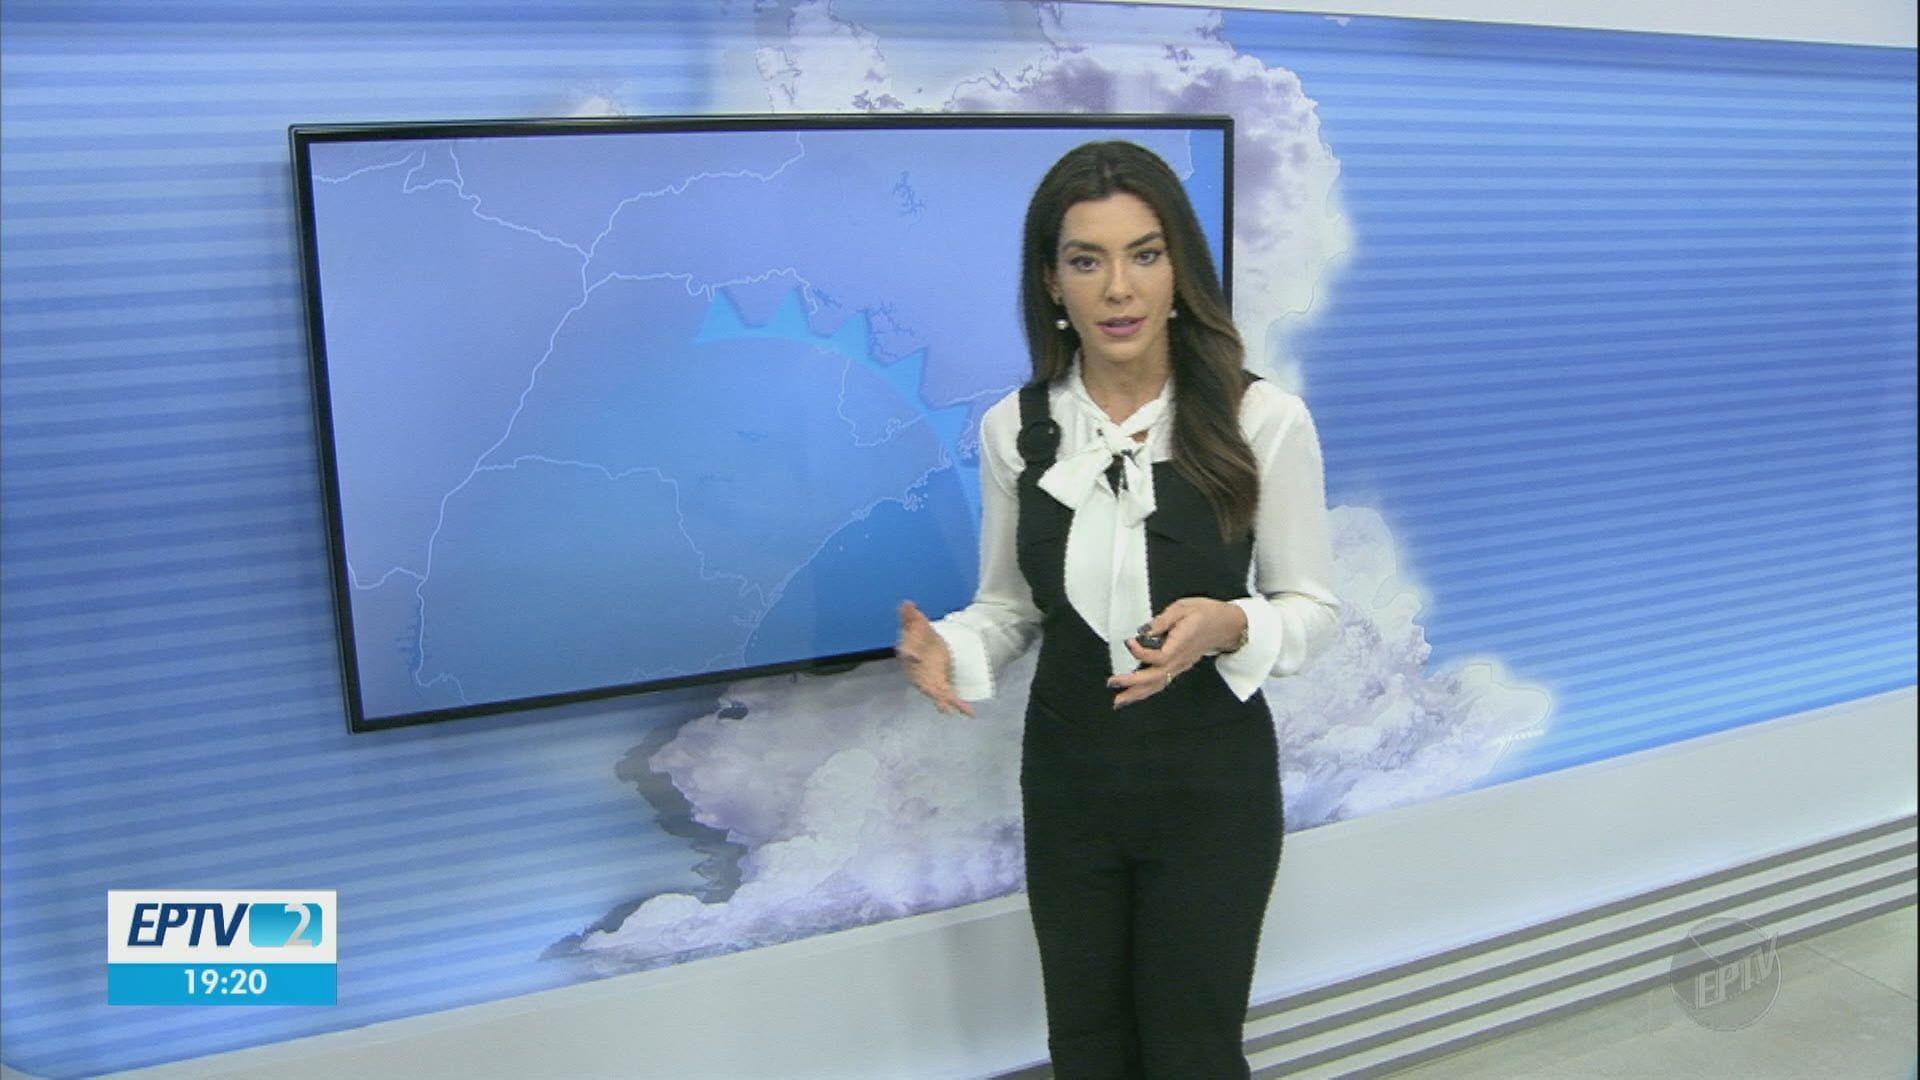 VÍDEOS: Reveja as reportagens do EPTV2 desta terça-feira, 11 de maio